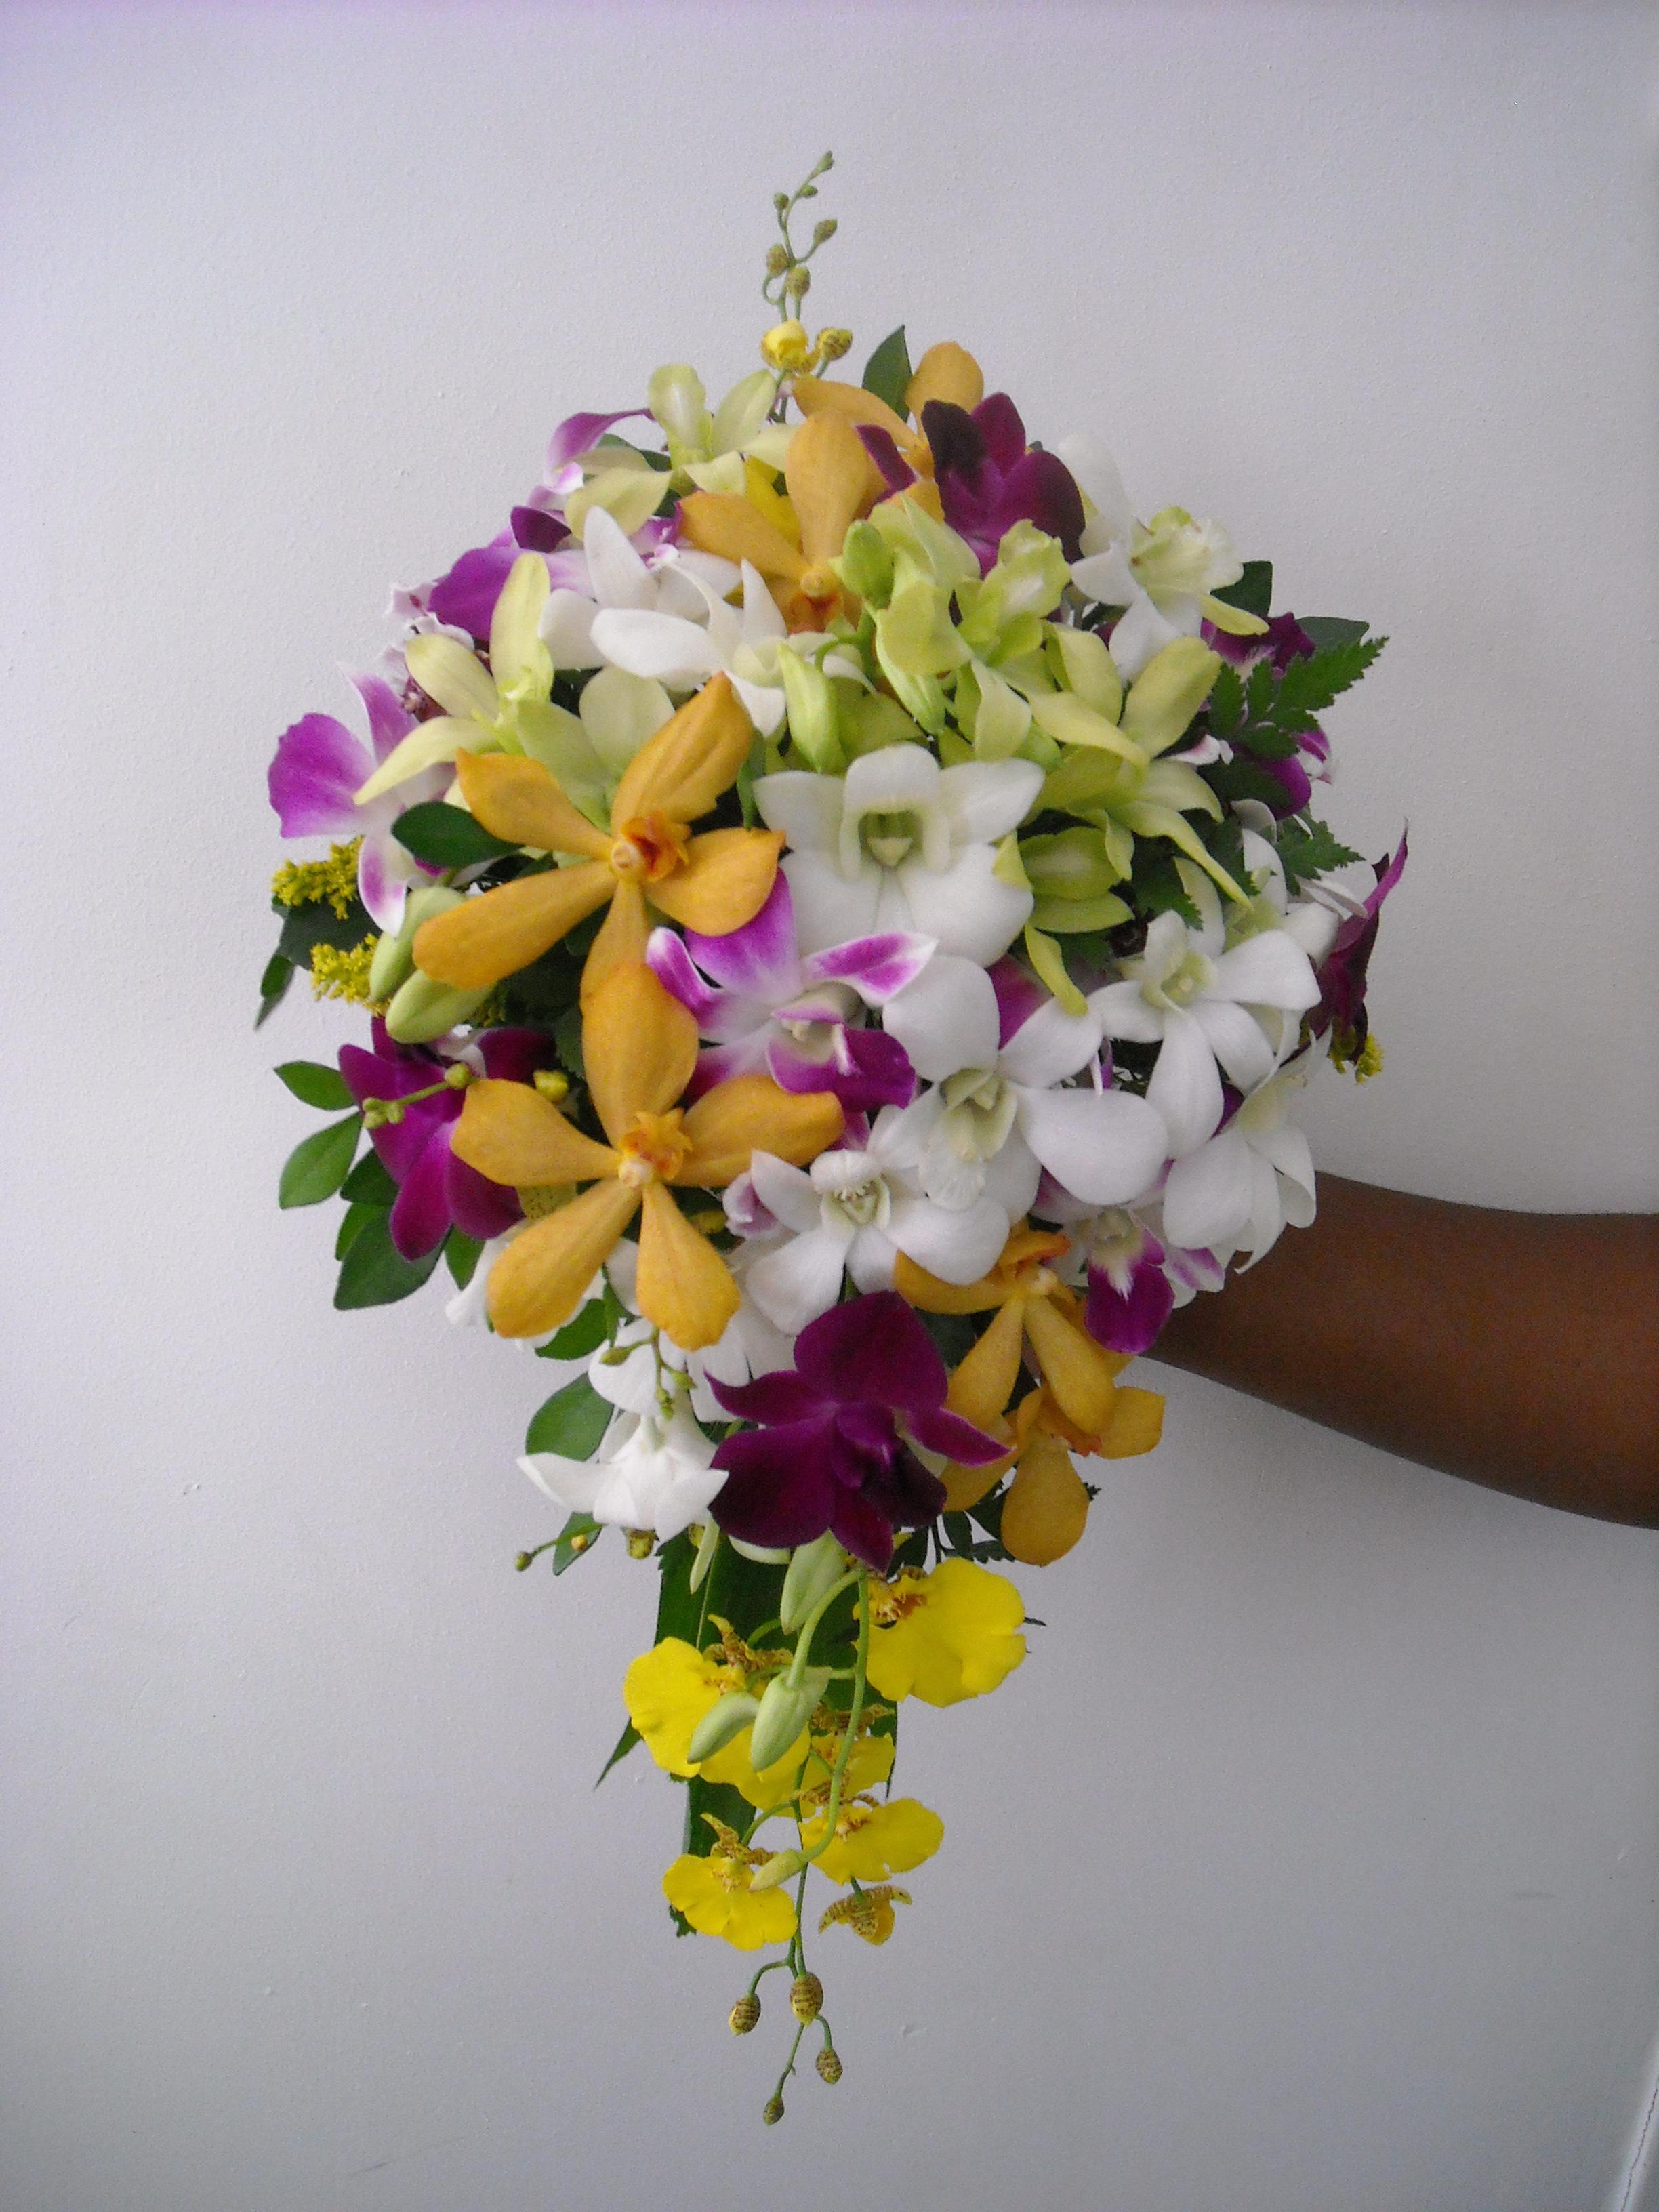 All orchids bouquet.jpg